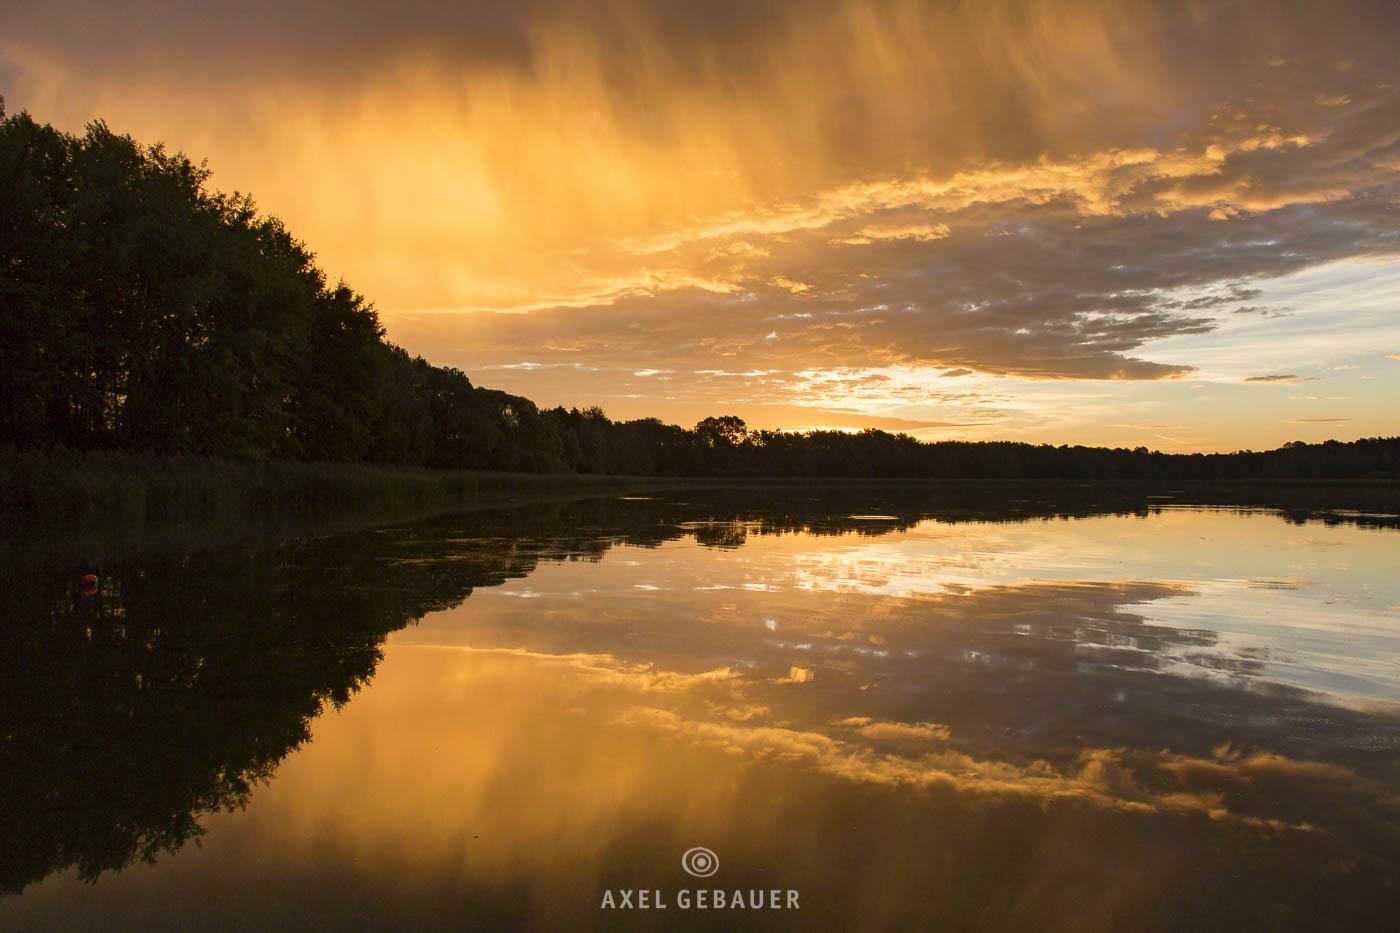 Landschaft | Axel Gebauer Wildlife Filming & Photography